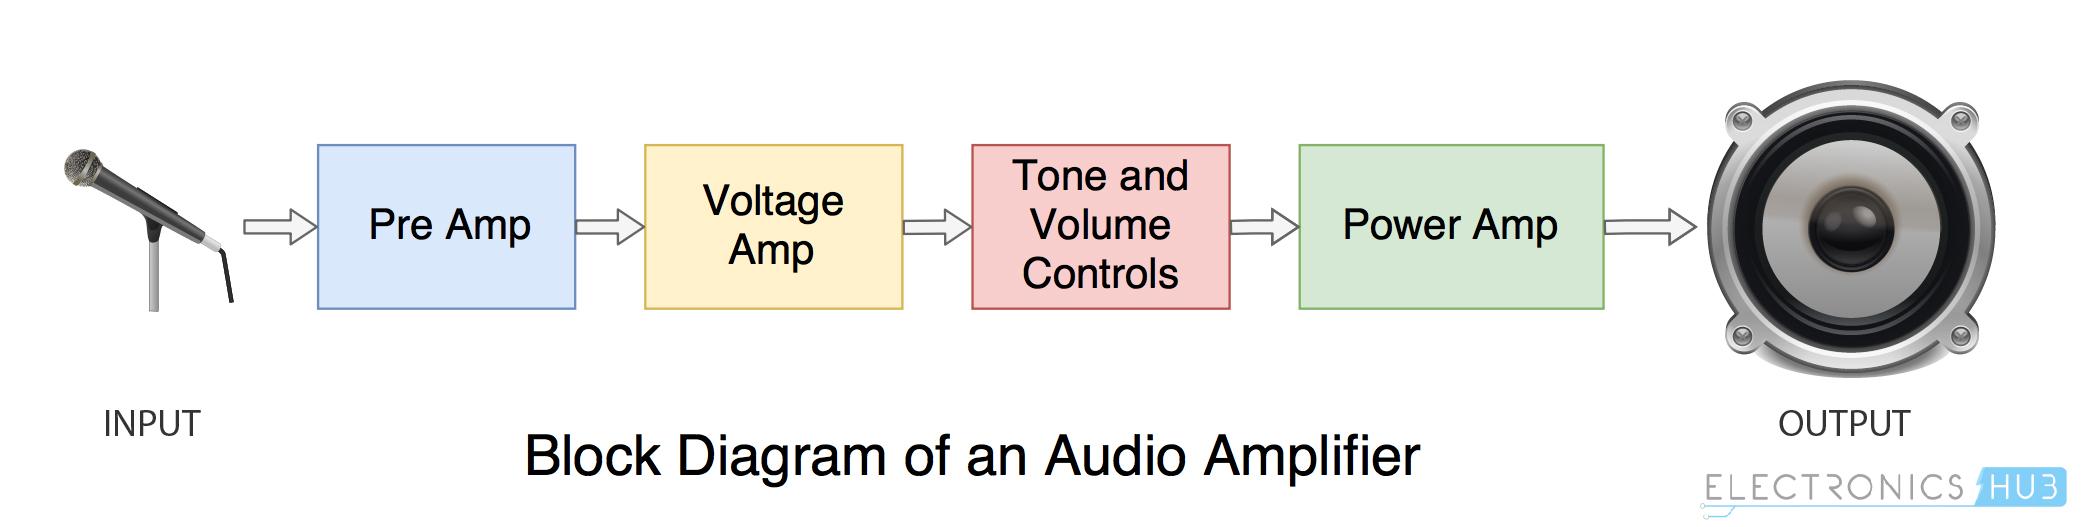 Diagrama de bloque del amplificador de potencia